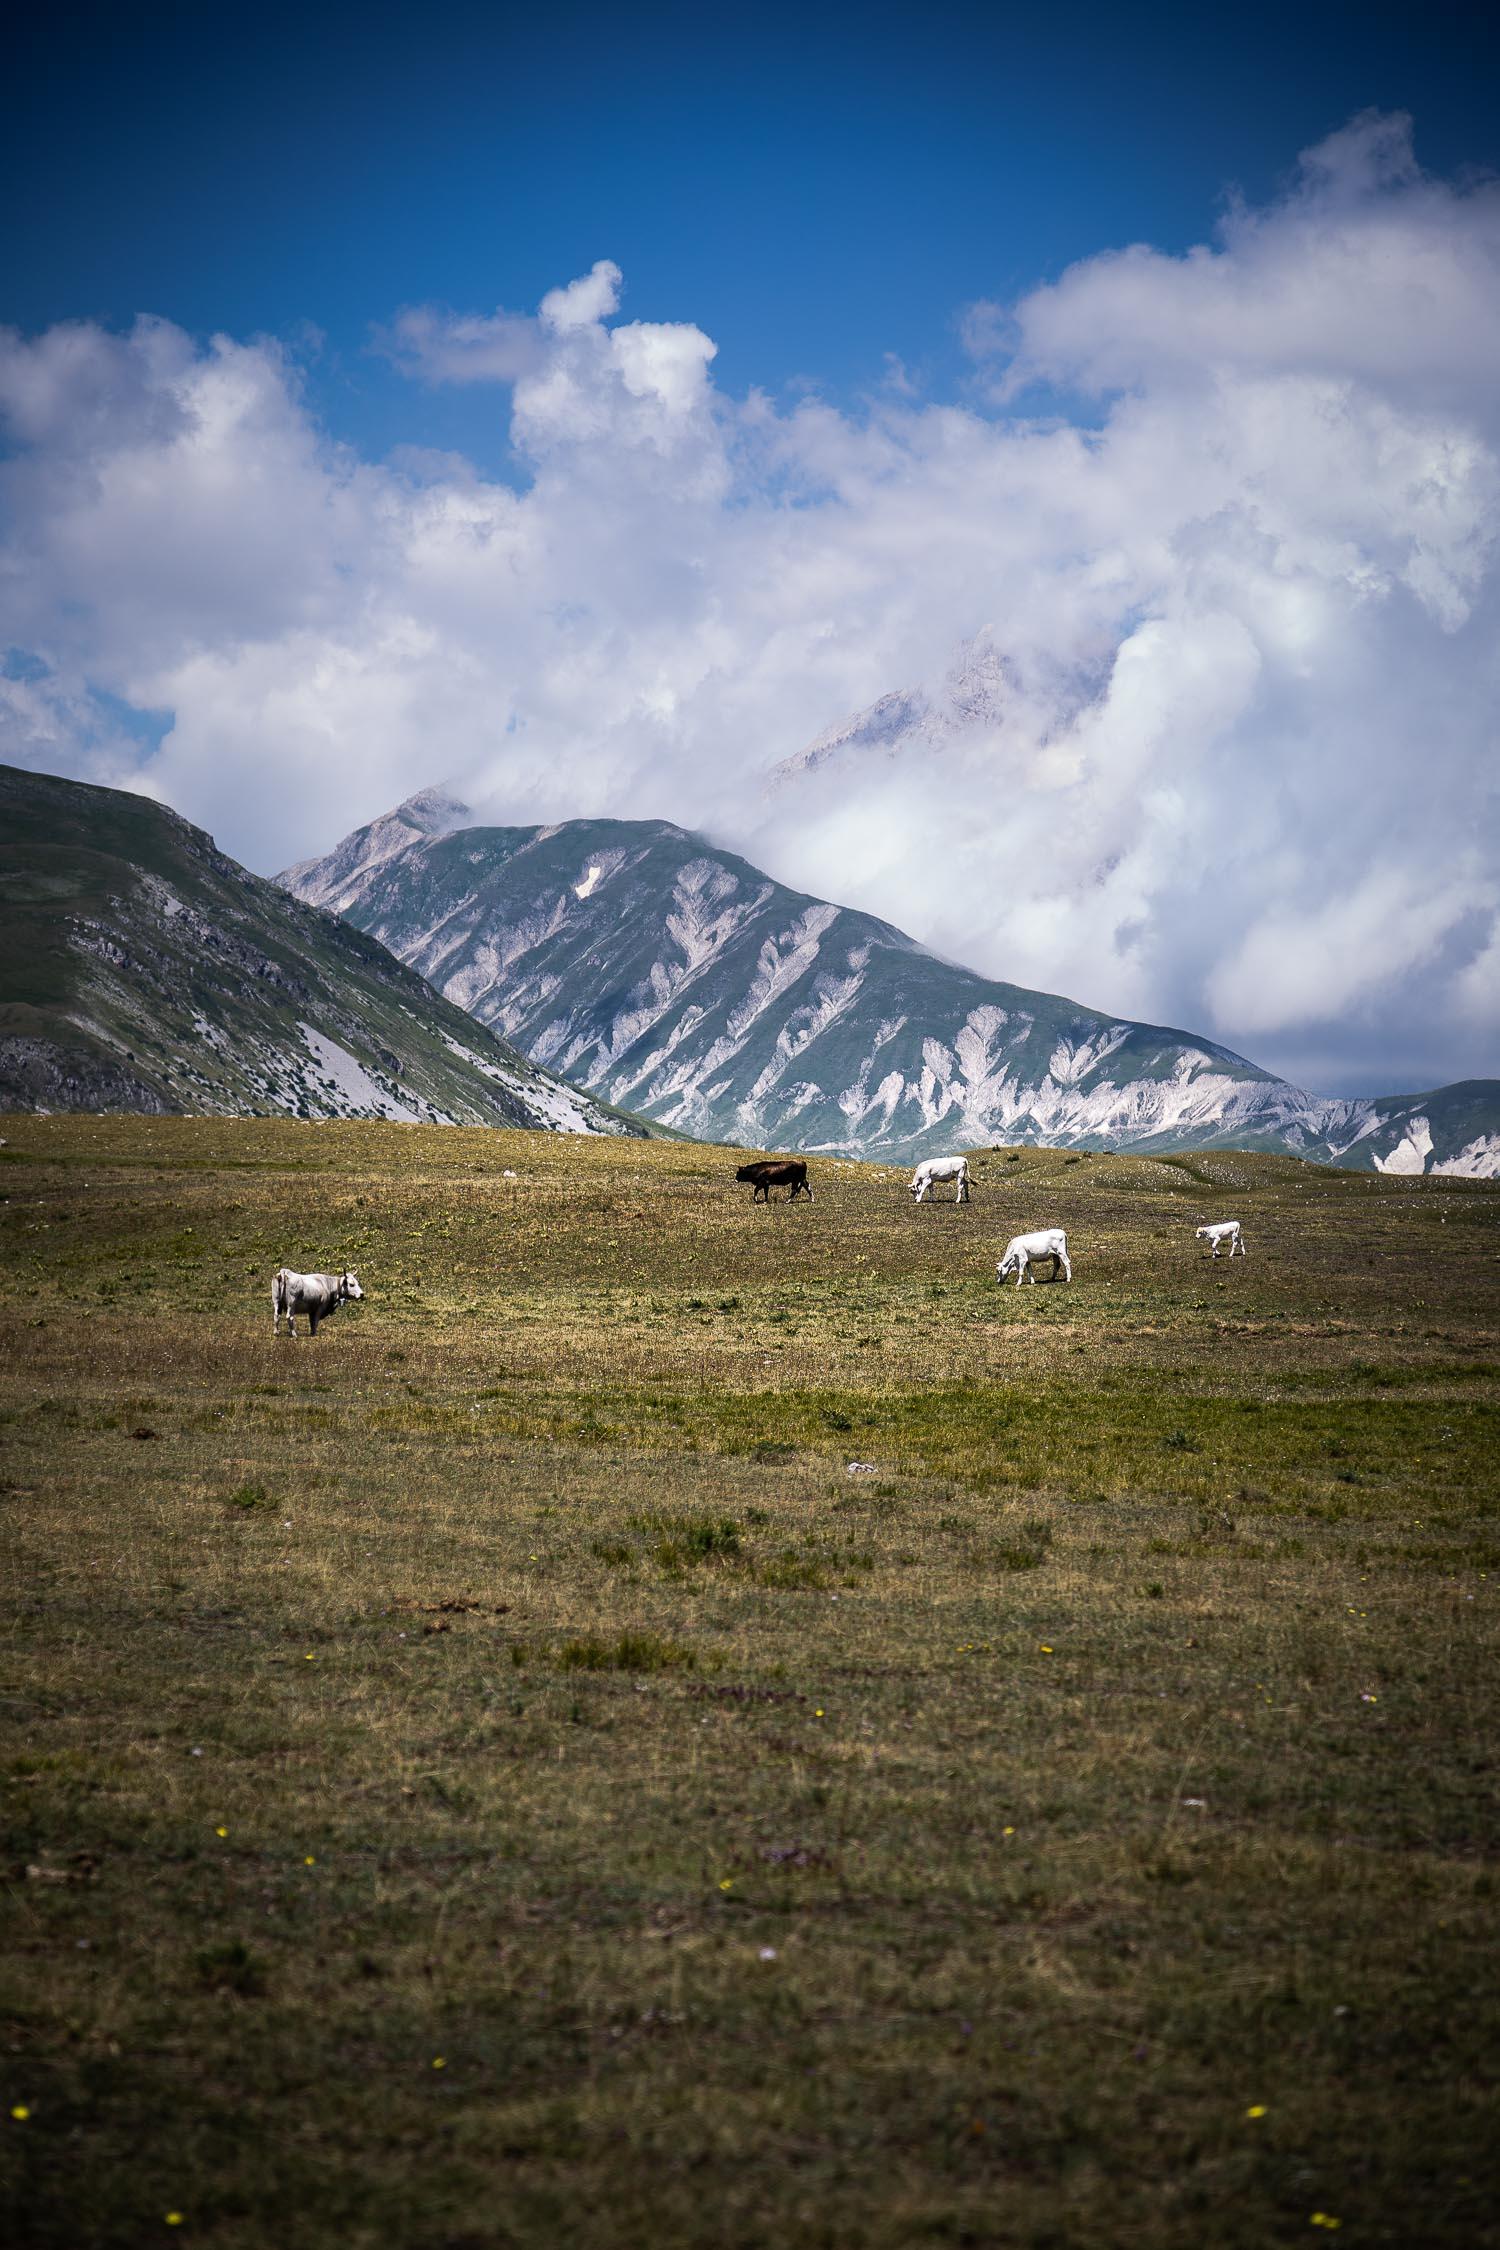 Cattle-Grazing-Campo-Imperatore-Gran-Sasso-Abruzzo-5697.jpg